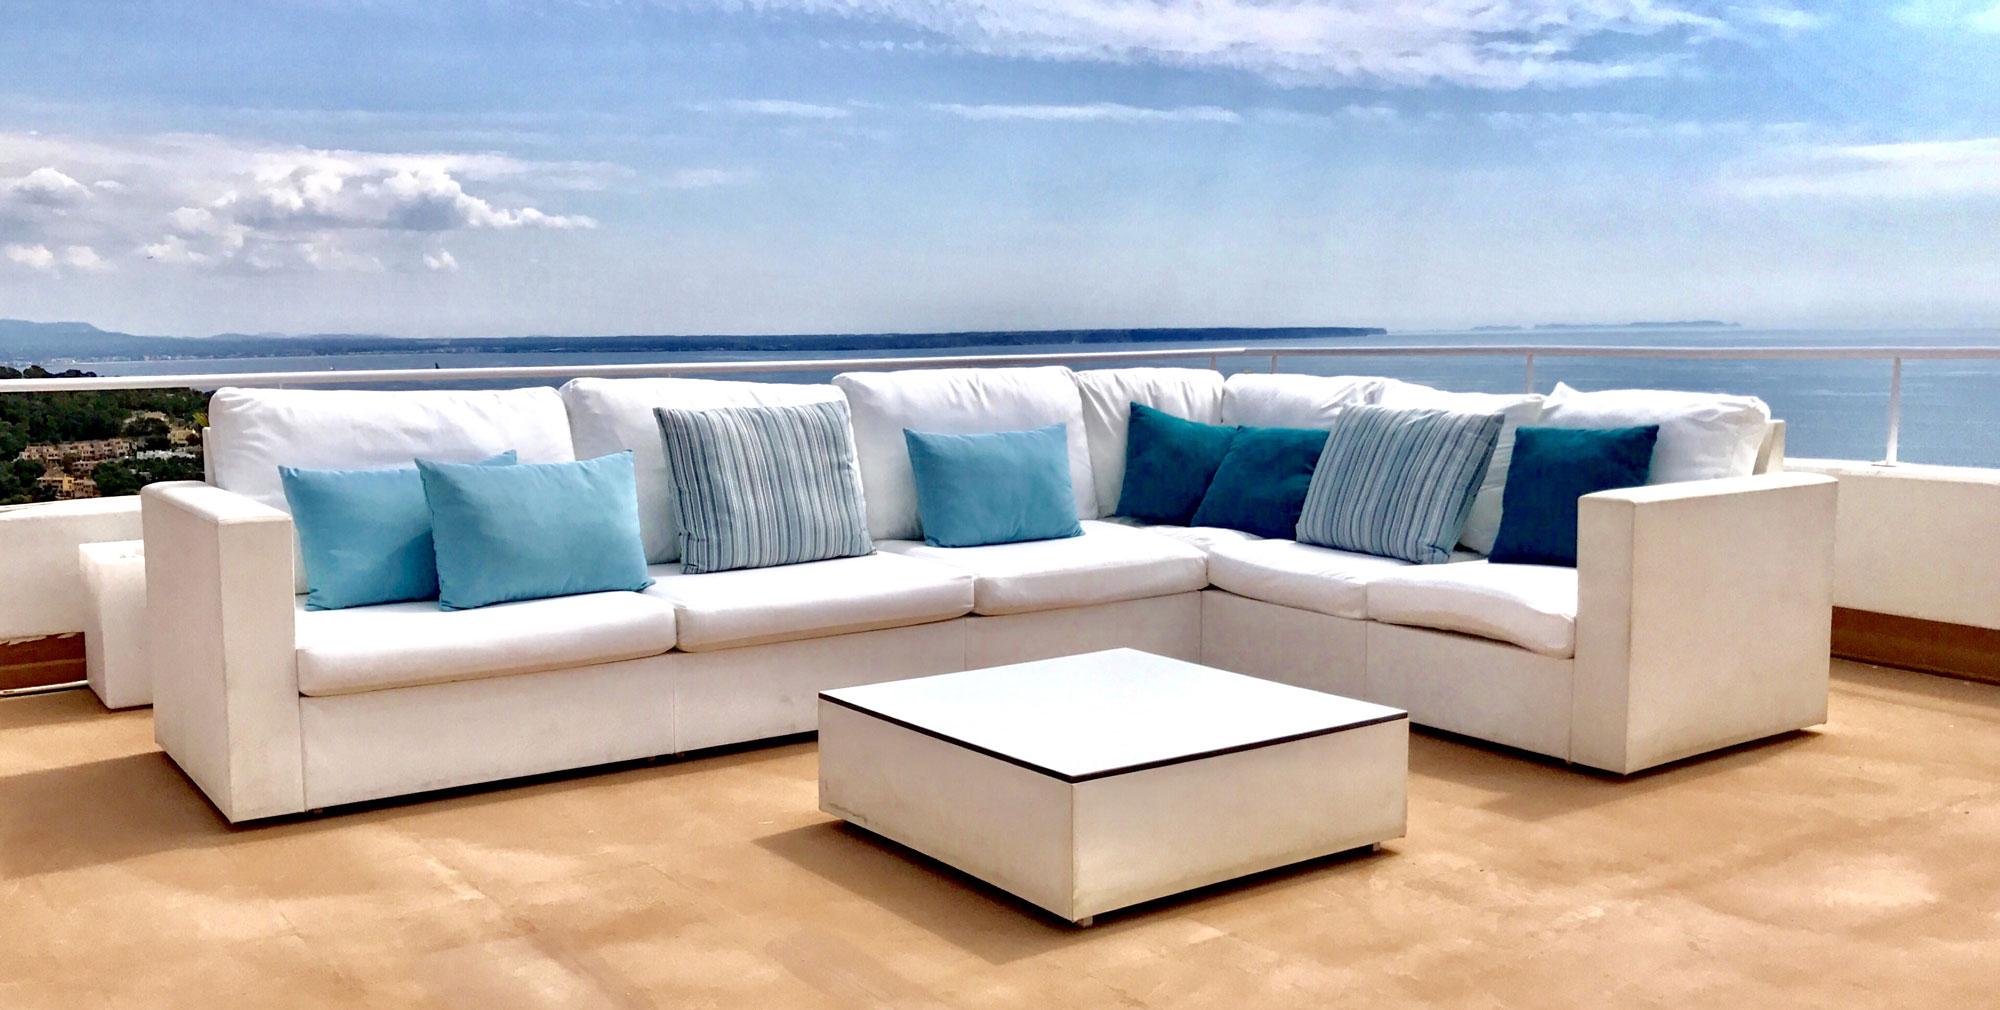 Großzügige Lounge auf Terrasse mit 360 Grad uneingeschränktem Rundumblick